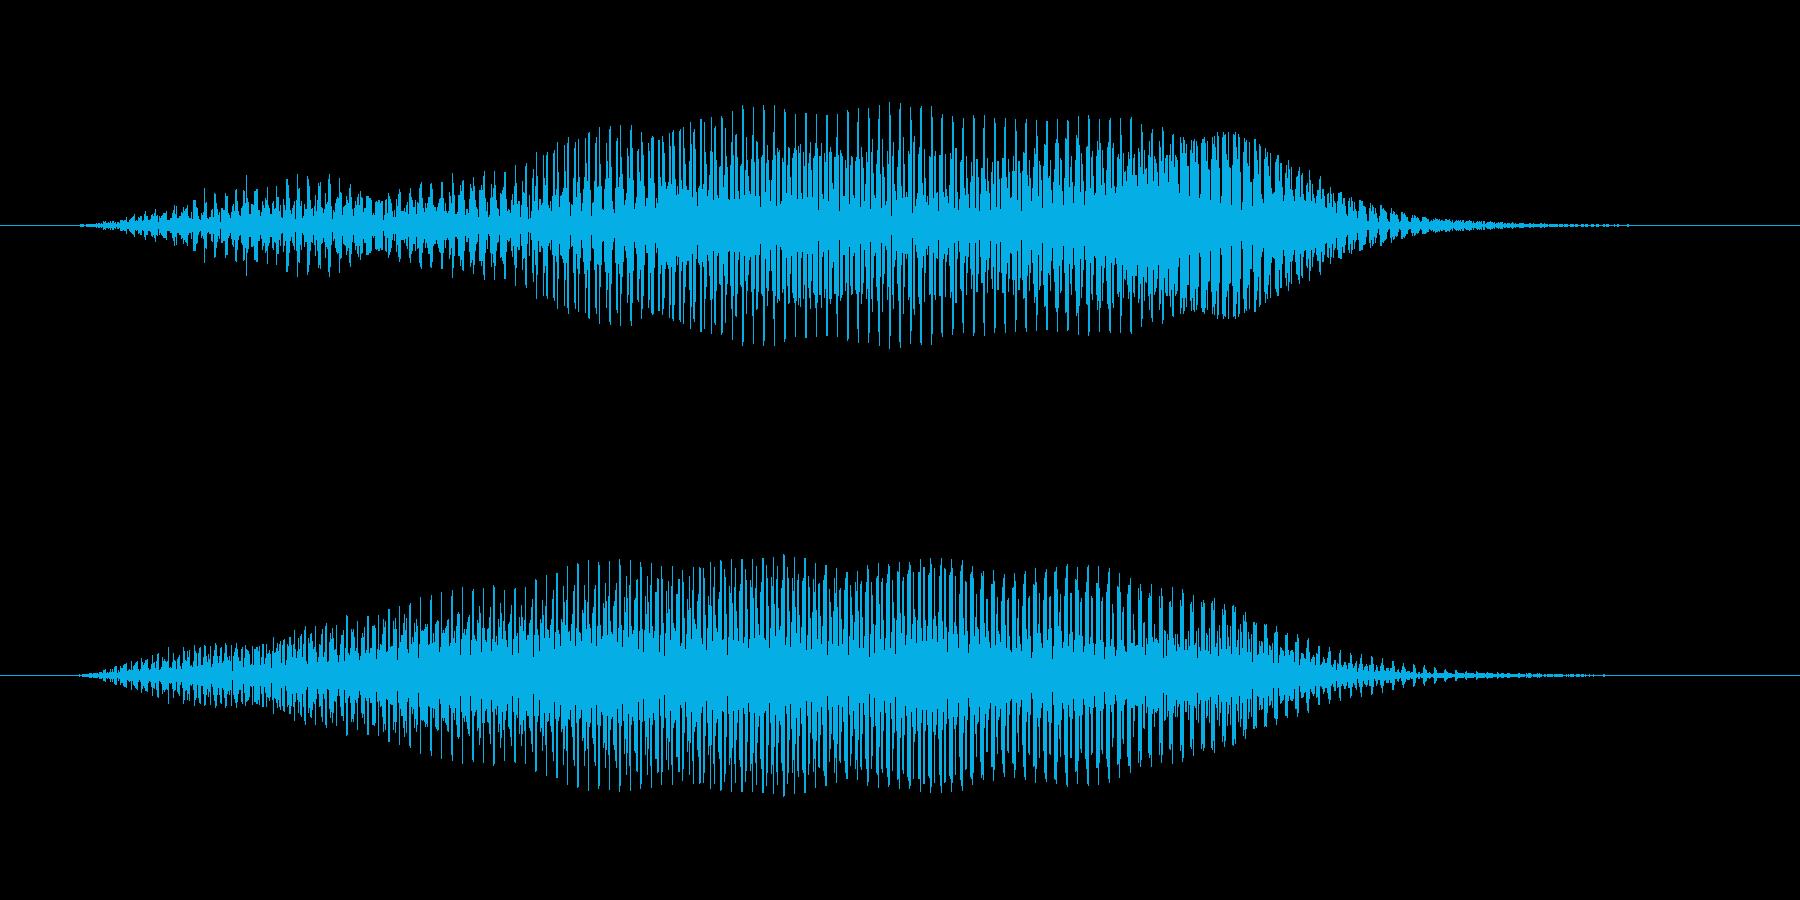 「ブーン」と迫る低音 ホラー サスペンスの再生済みの波形